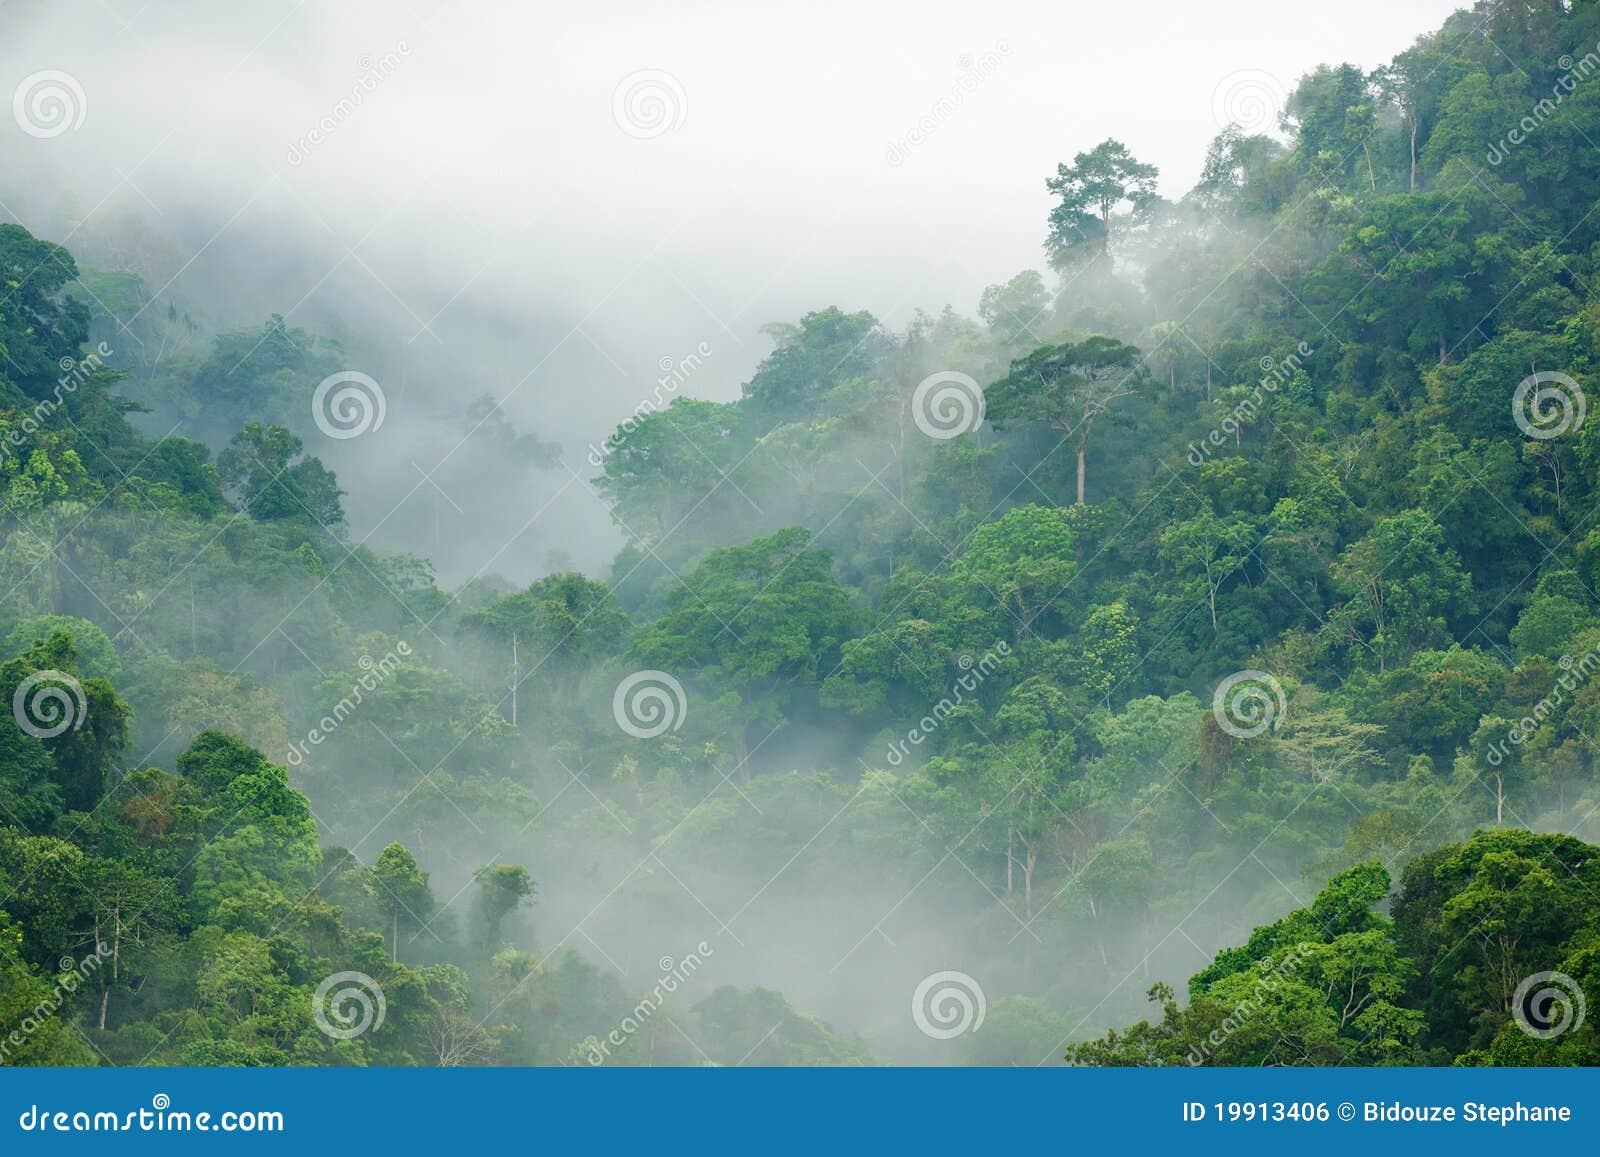 Rainforest Morning Fog Royalty Free Stock Image Image